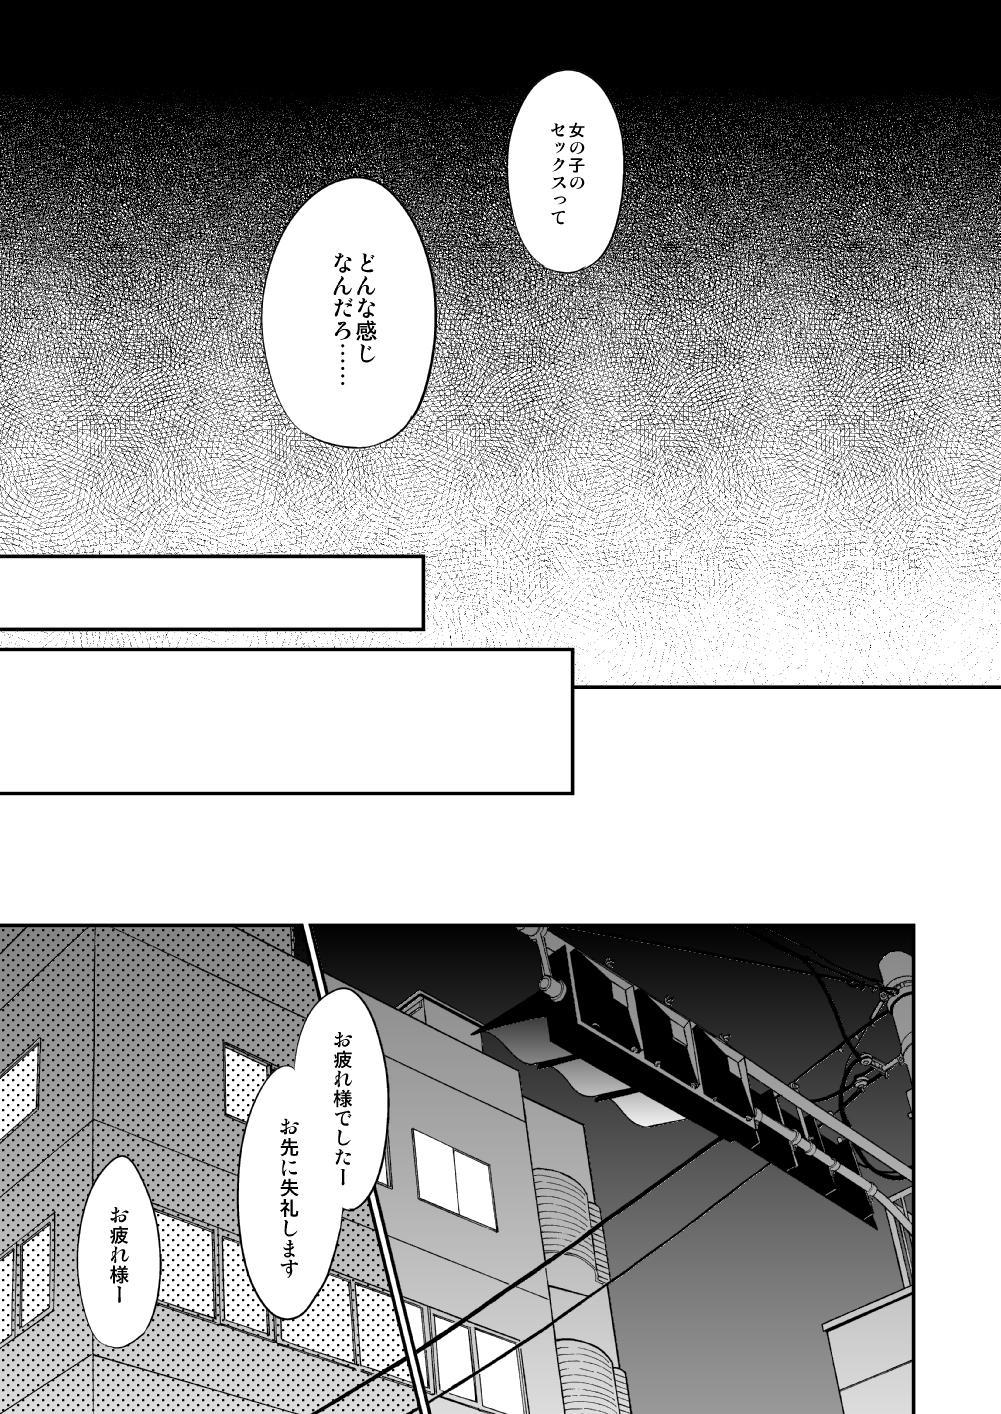 Onnanoko no kimochi 5